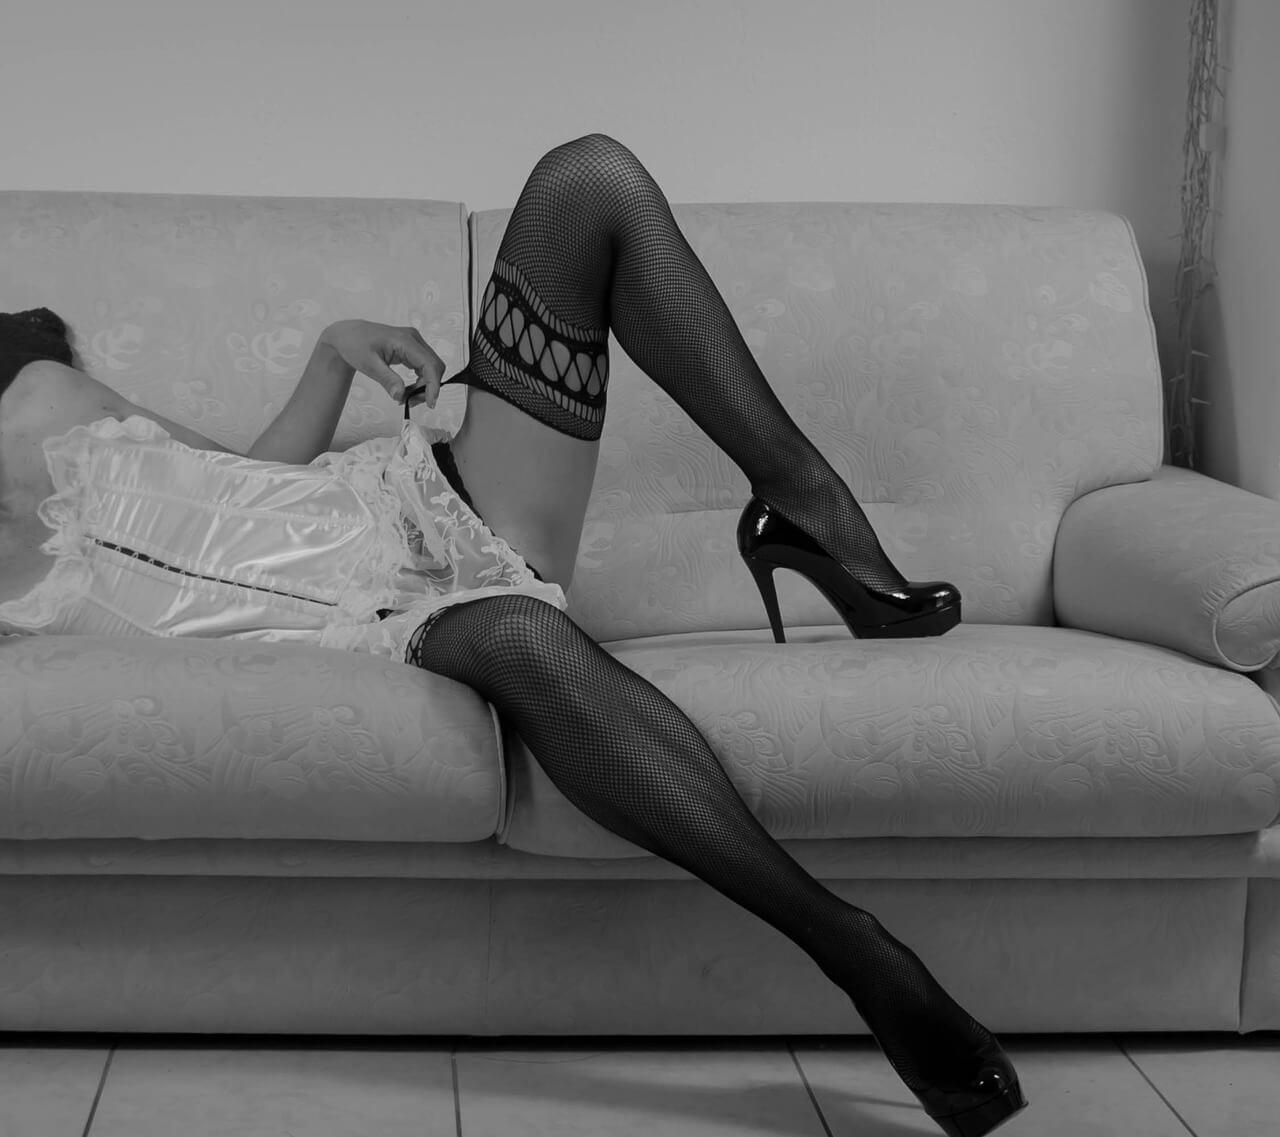 woman-1288492_1280